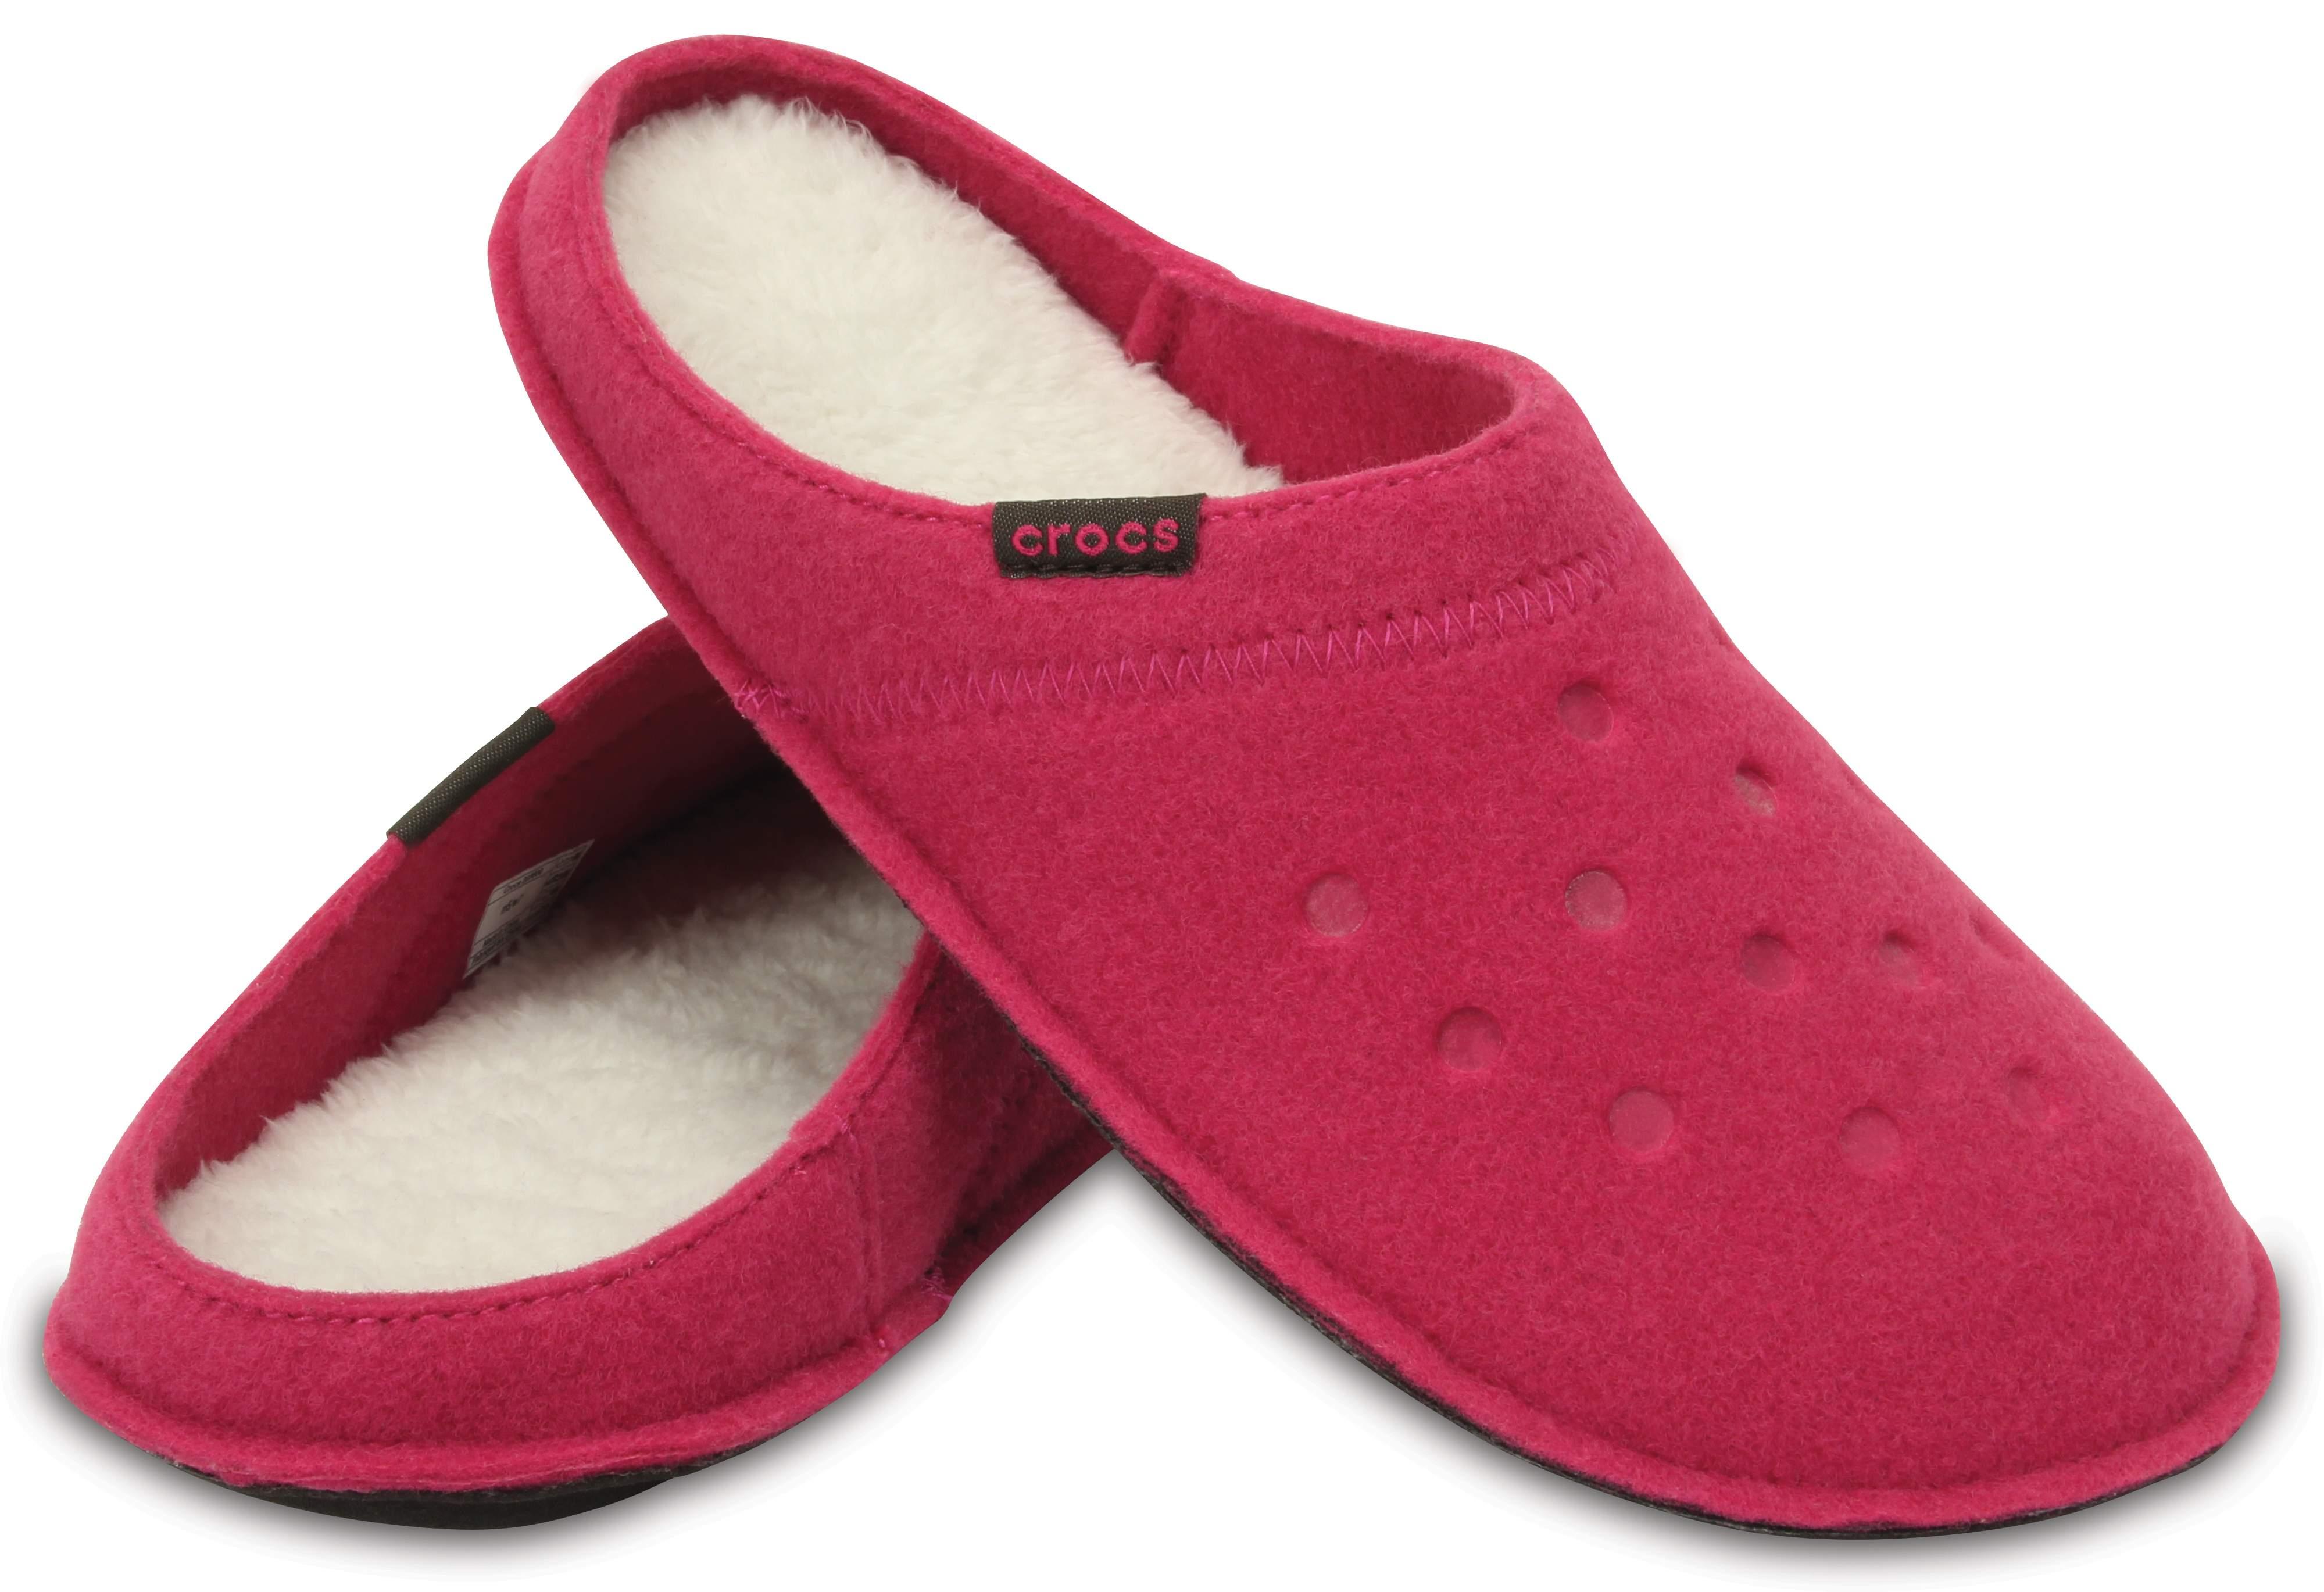 【クロックス公式】 クラシック スリッパ Classic Slipper ユニセックス、メンズ、レディース、男女兼用 レッド/赤 22cm,24cm,26cm slipper